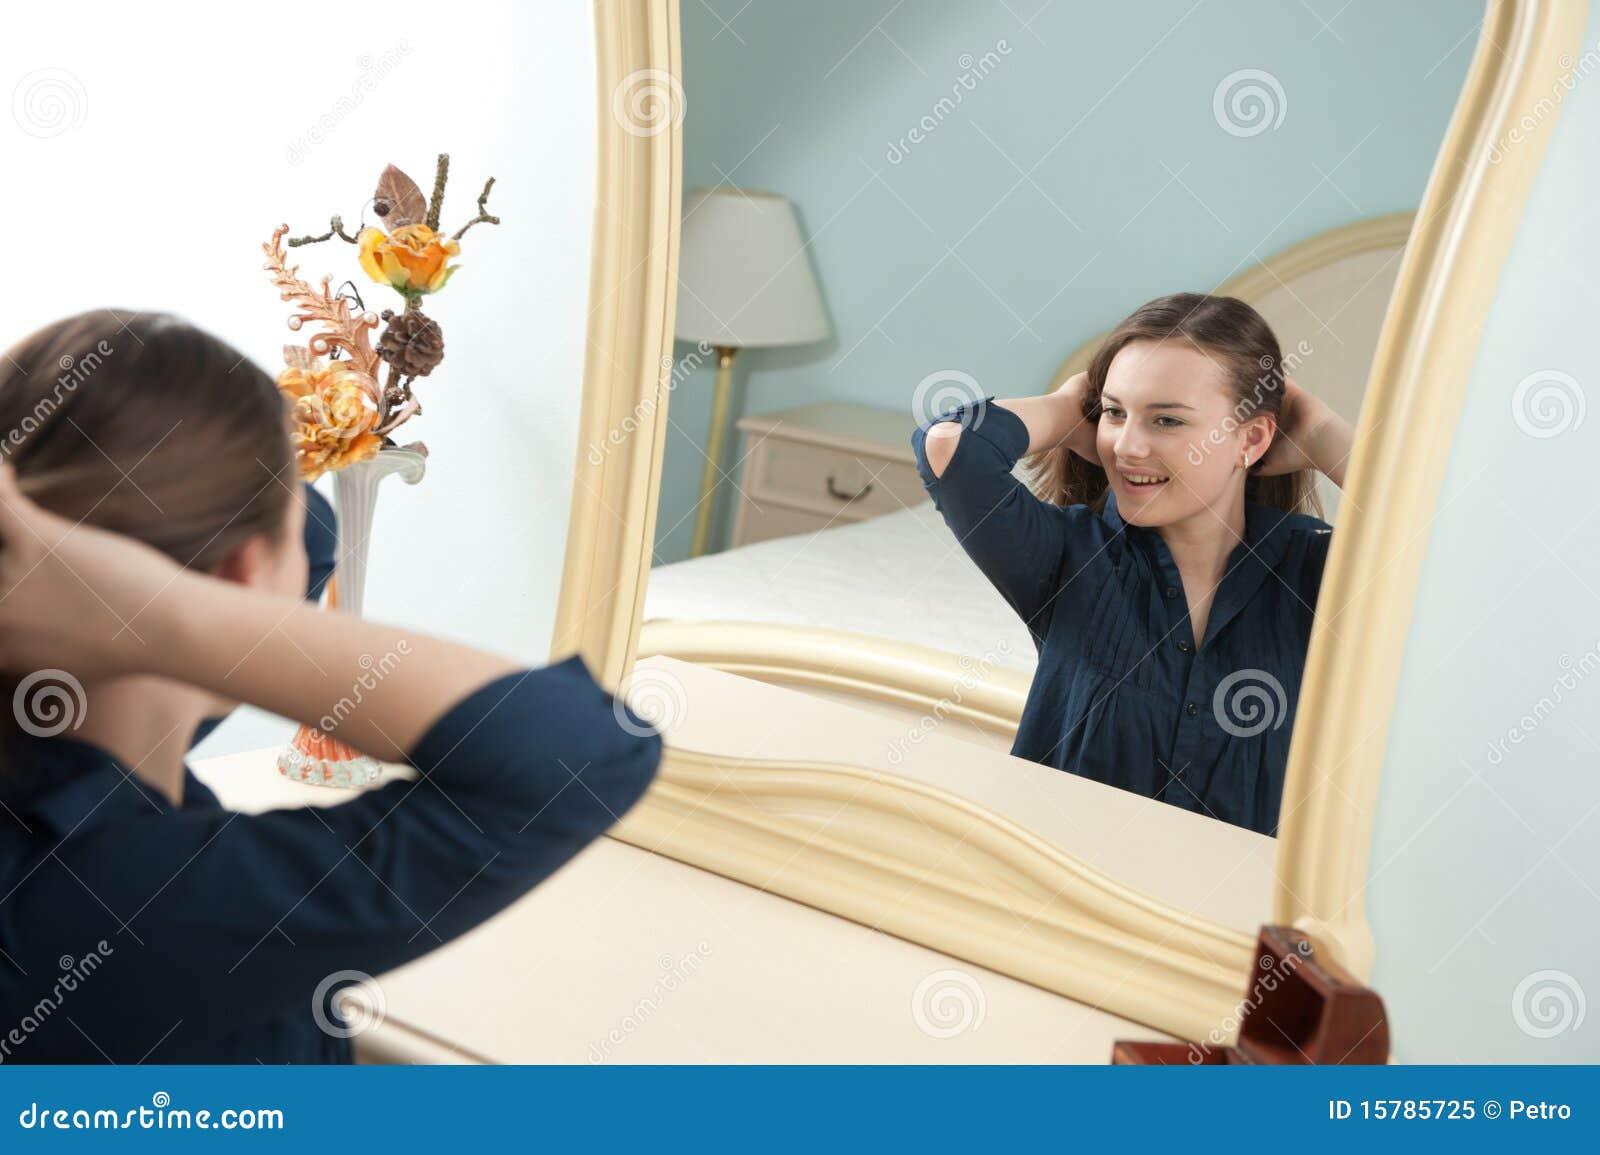 Jeune fille devant le miroir image stock image 15785725 for Derniere volonte devant le miroir